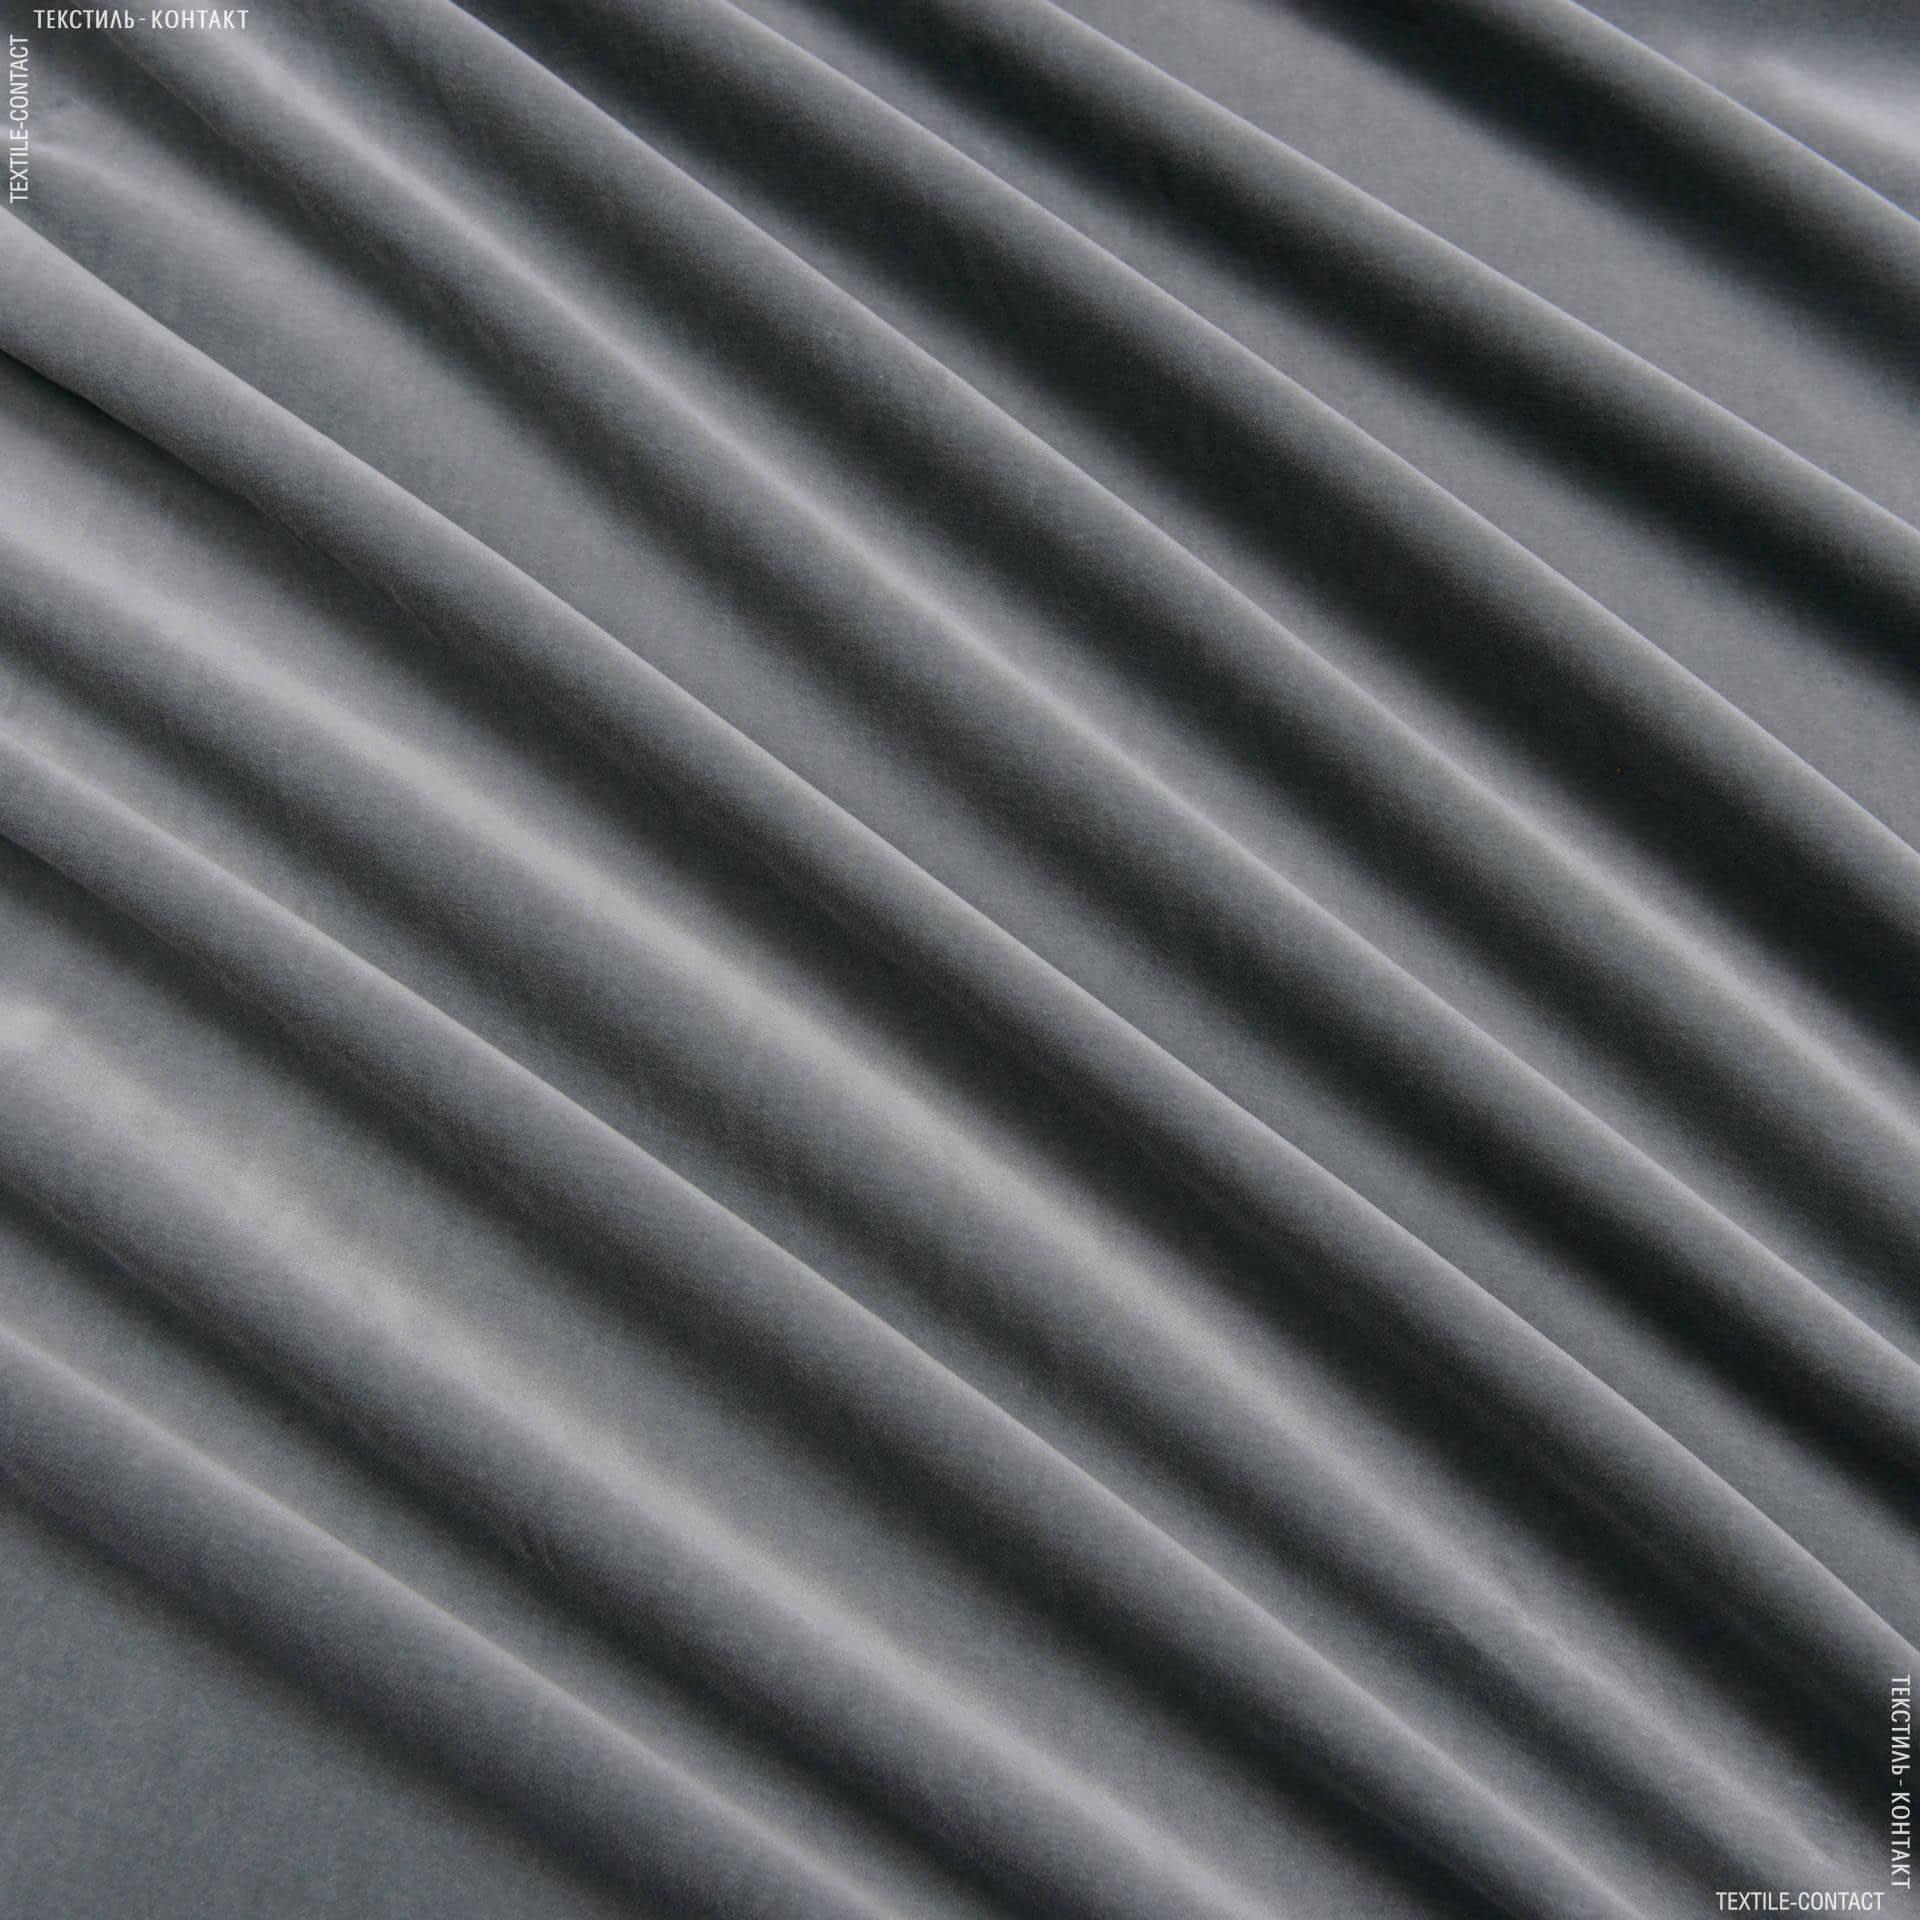 Ткани театральные ткани - Велюр  классик наварра  св.серый